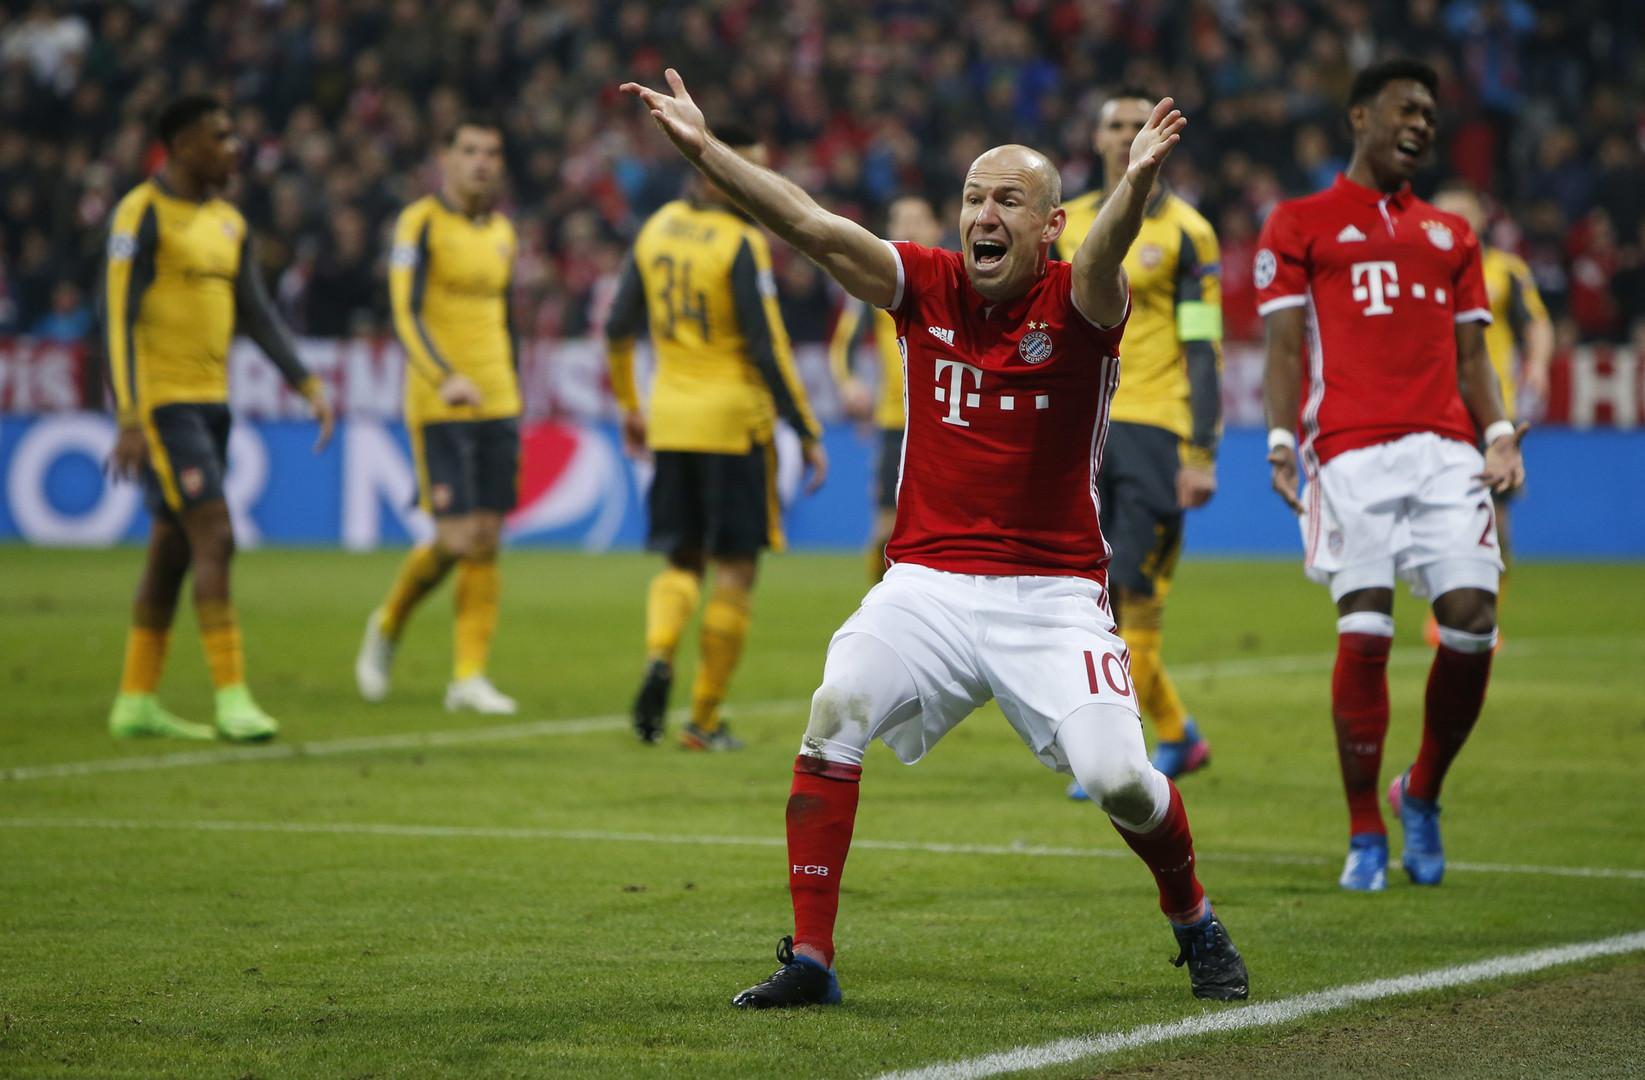 Опять двойка: «Арсенал» снова проиграл на выезде «Баварии» со счётом 1:5 в Лиге чемпионов